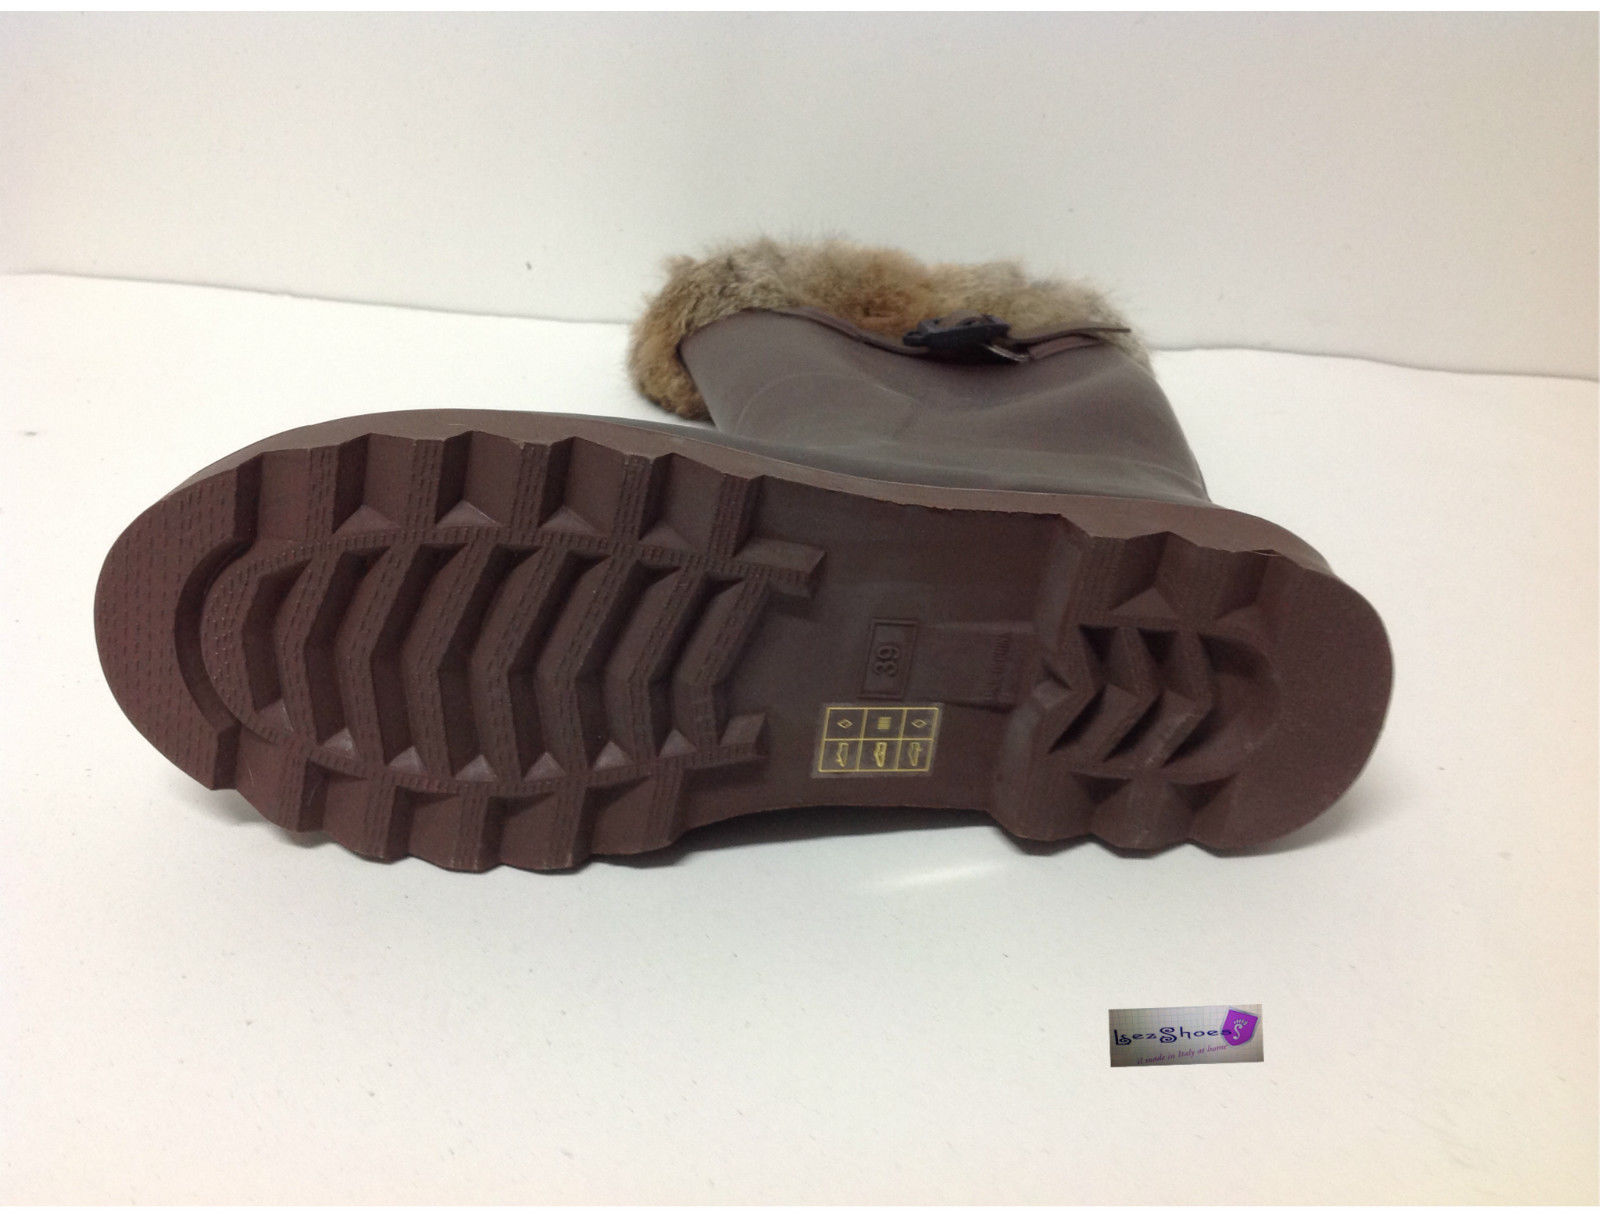 purchase cheap 5609e 78036 stivali - lezshoes - Stivali tatoosh pioggia con pelliccia ...